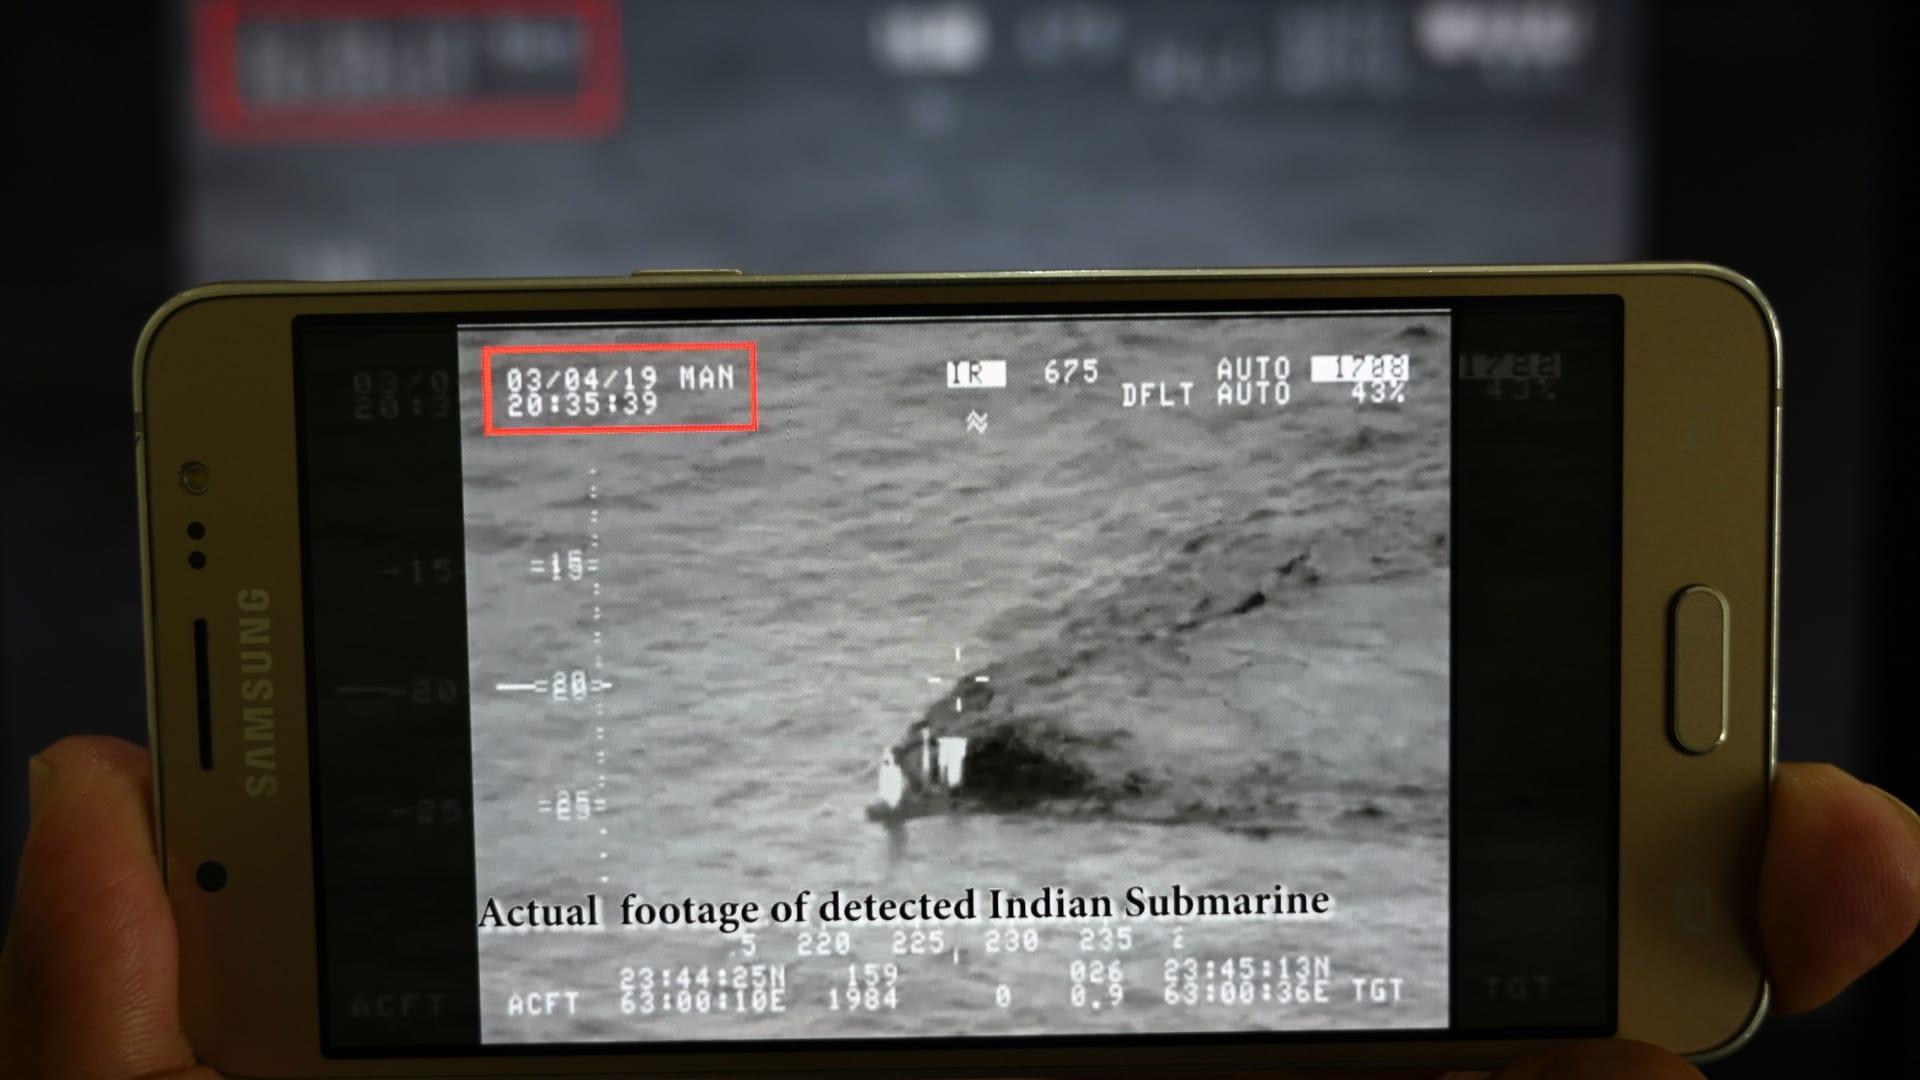 لحظة اعتراض البحرية الباكستانية غواصة هندية في عرض البحر